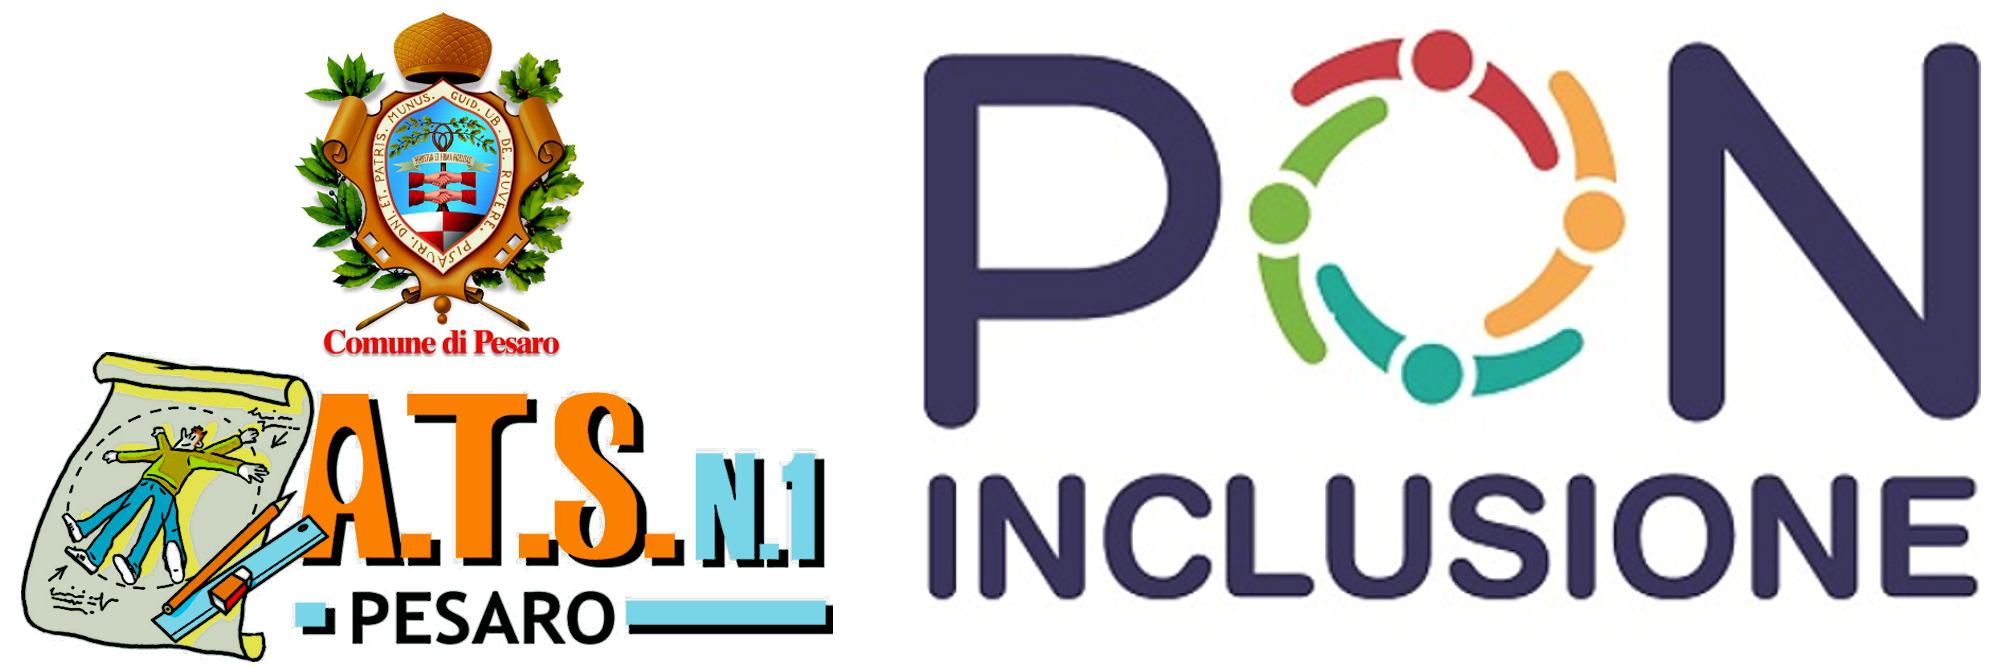 Logo del Comune di Pesaro, ATS n.1 e PON inclusione